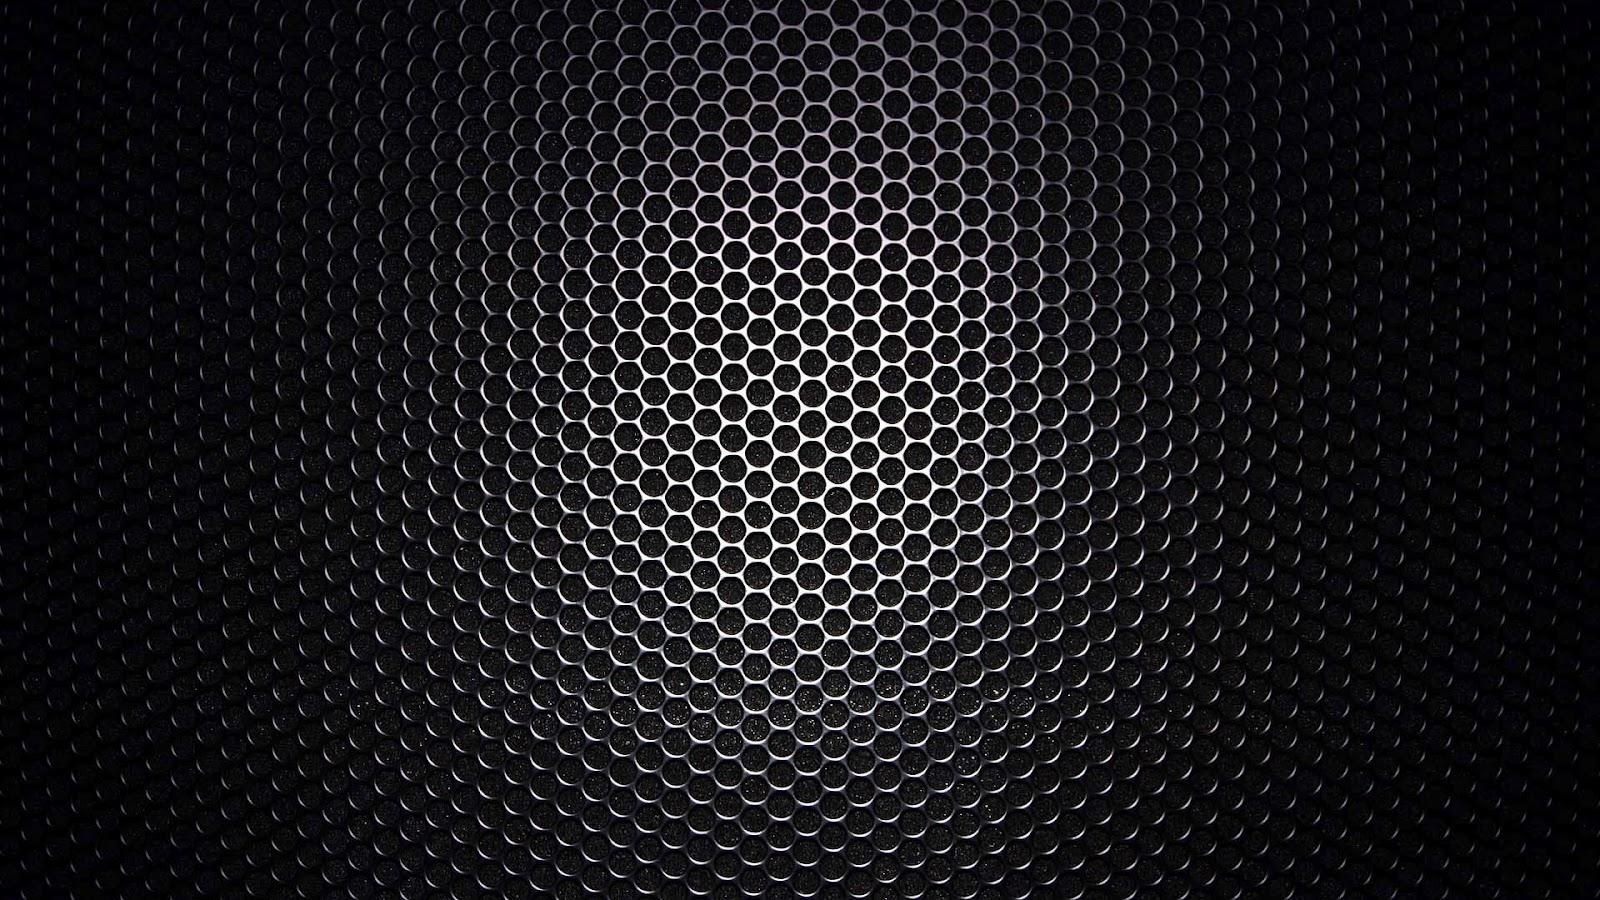 dark wallpaper 1920x1080 1920x1080 tiles wallpapers dark special 1600x900